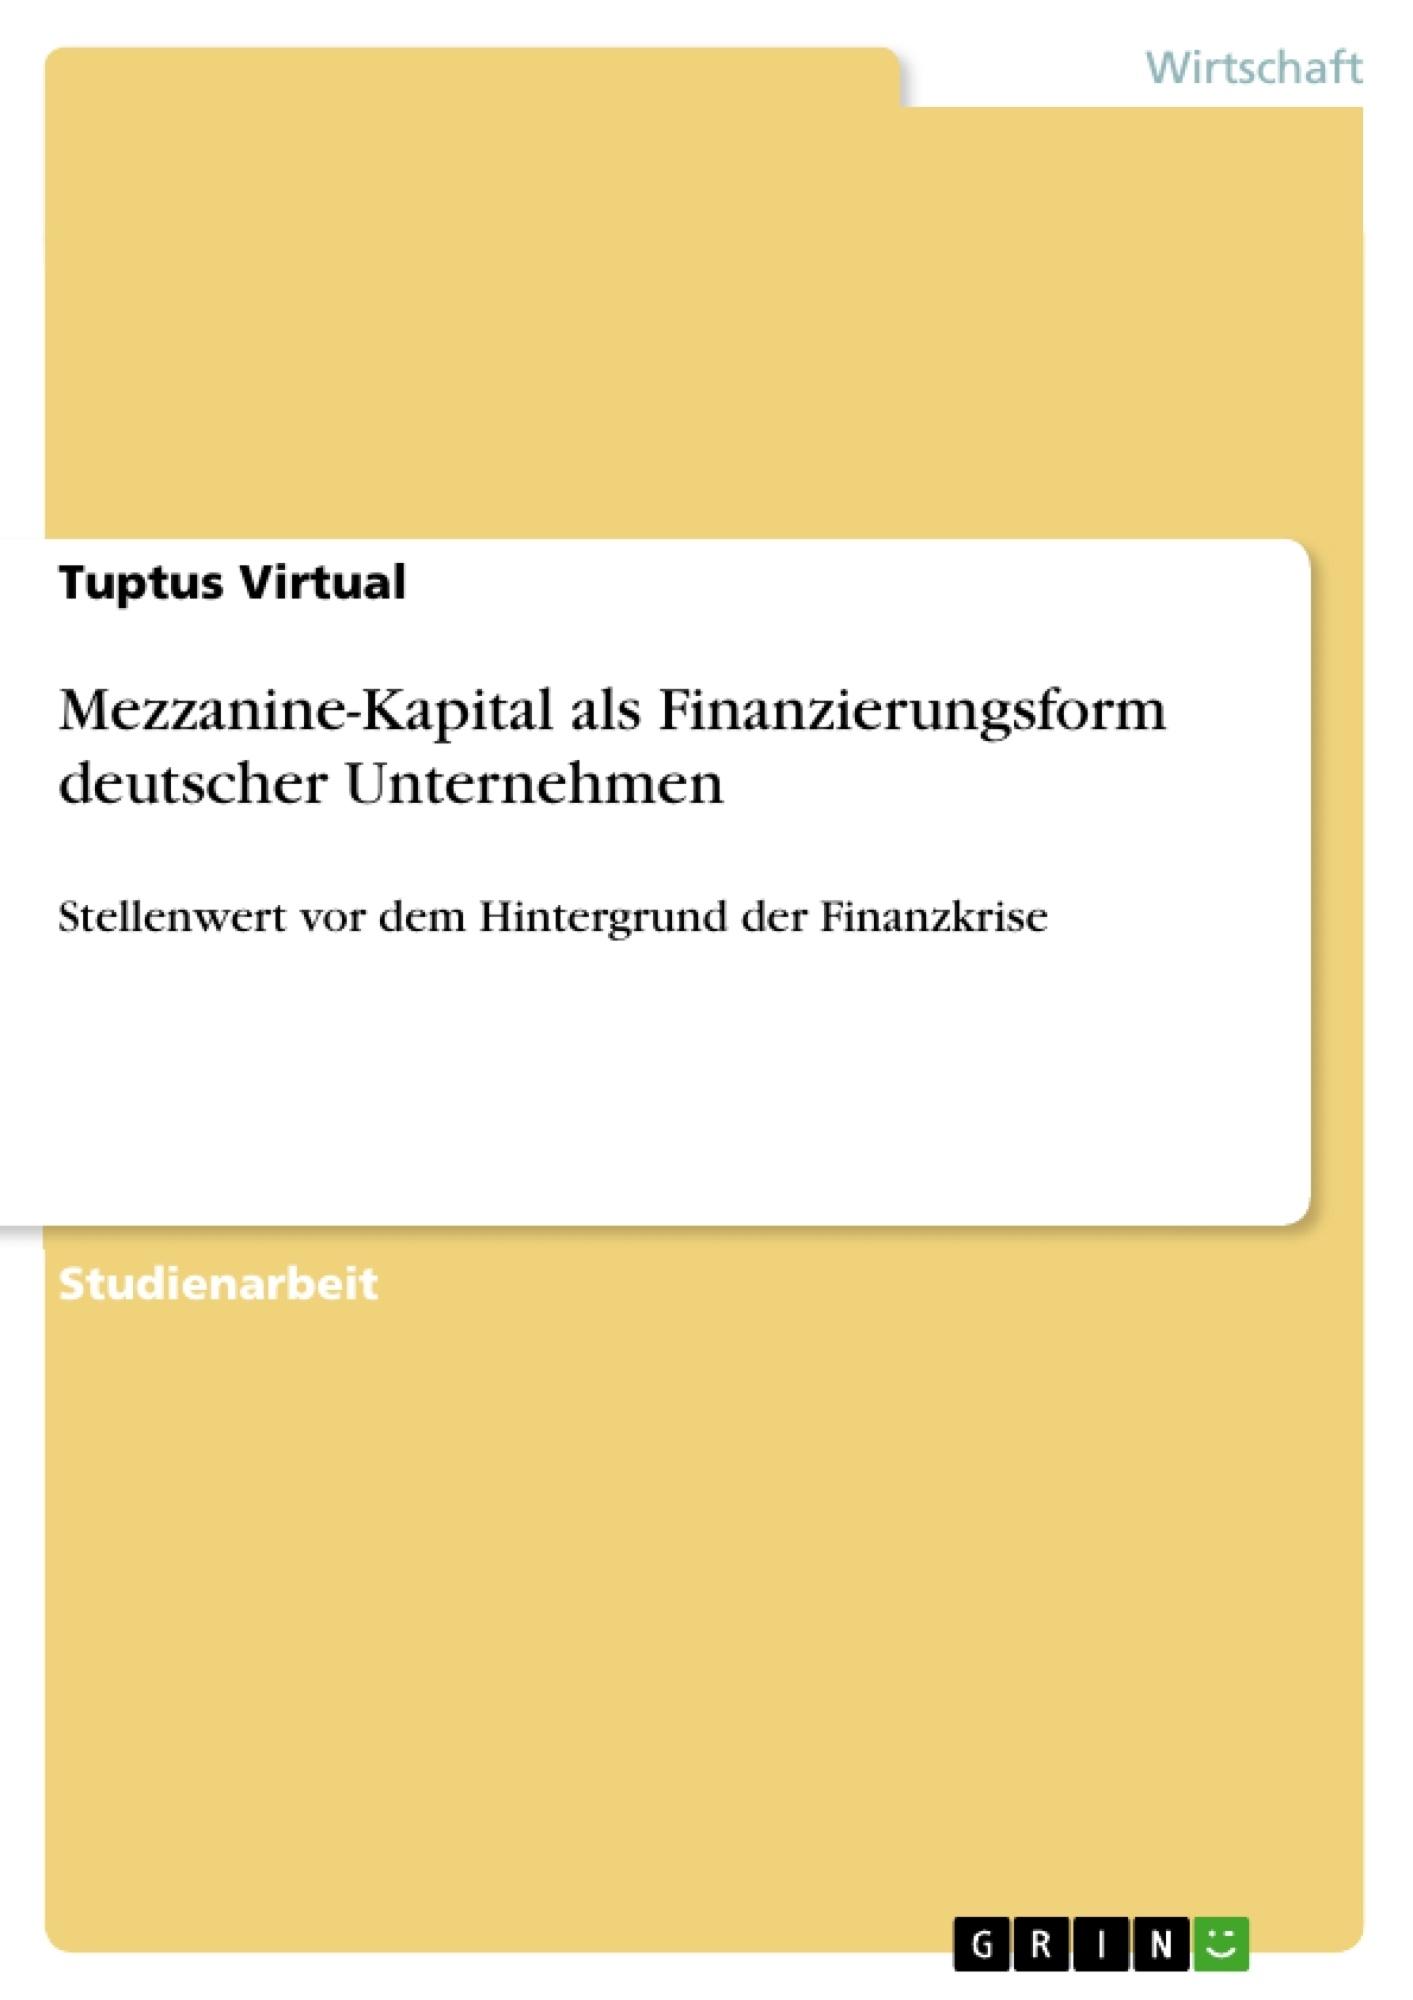 Titel: Mezzanine-Kapital als Finanzierungsform deutscher Unternehmen